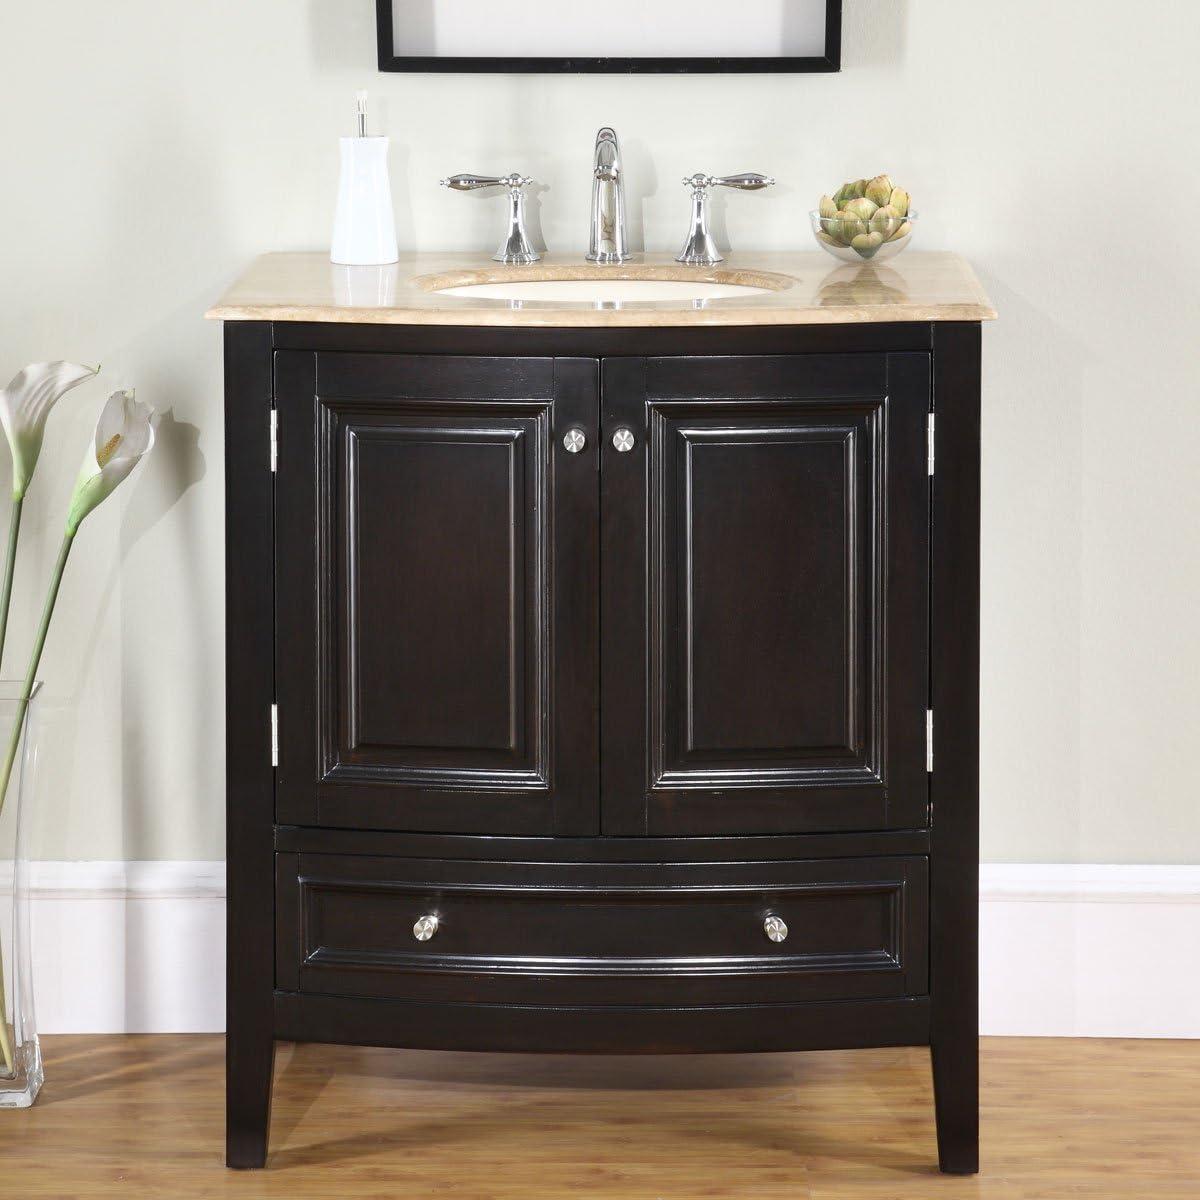 Silkroad Exclusive HYP-0709-T-UIC-32 Travertine Stone Top Single Sink Bathroom Vanity with Furniture Cabinet, 32 , Dark Wood